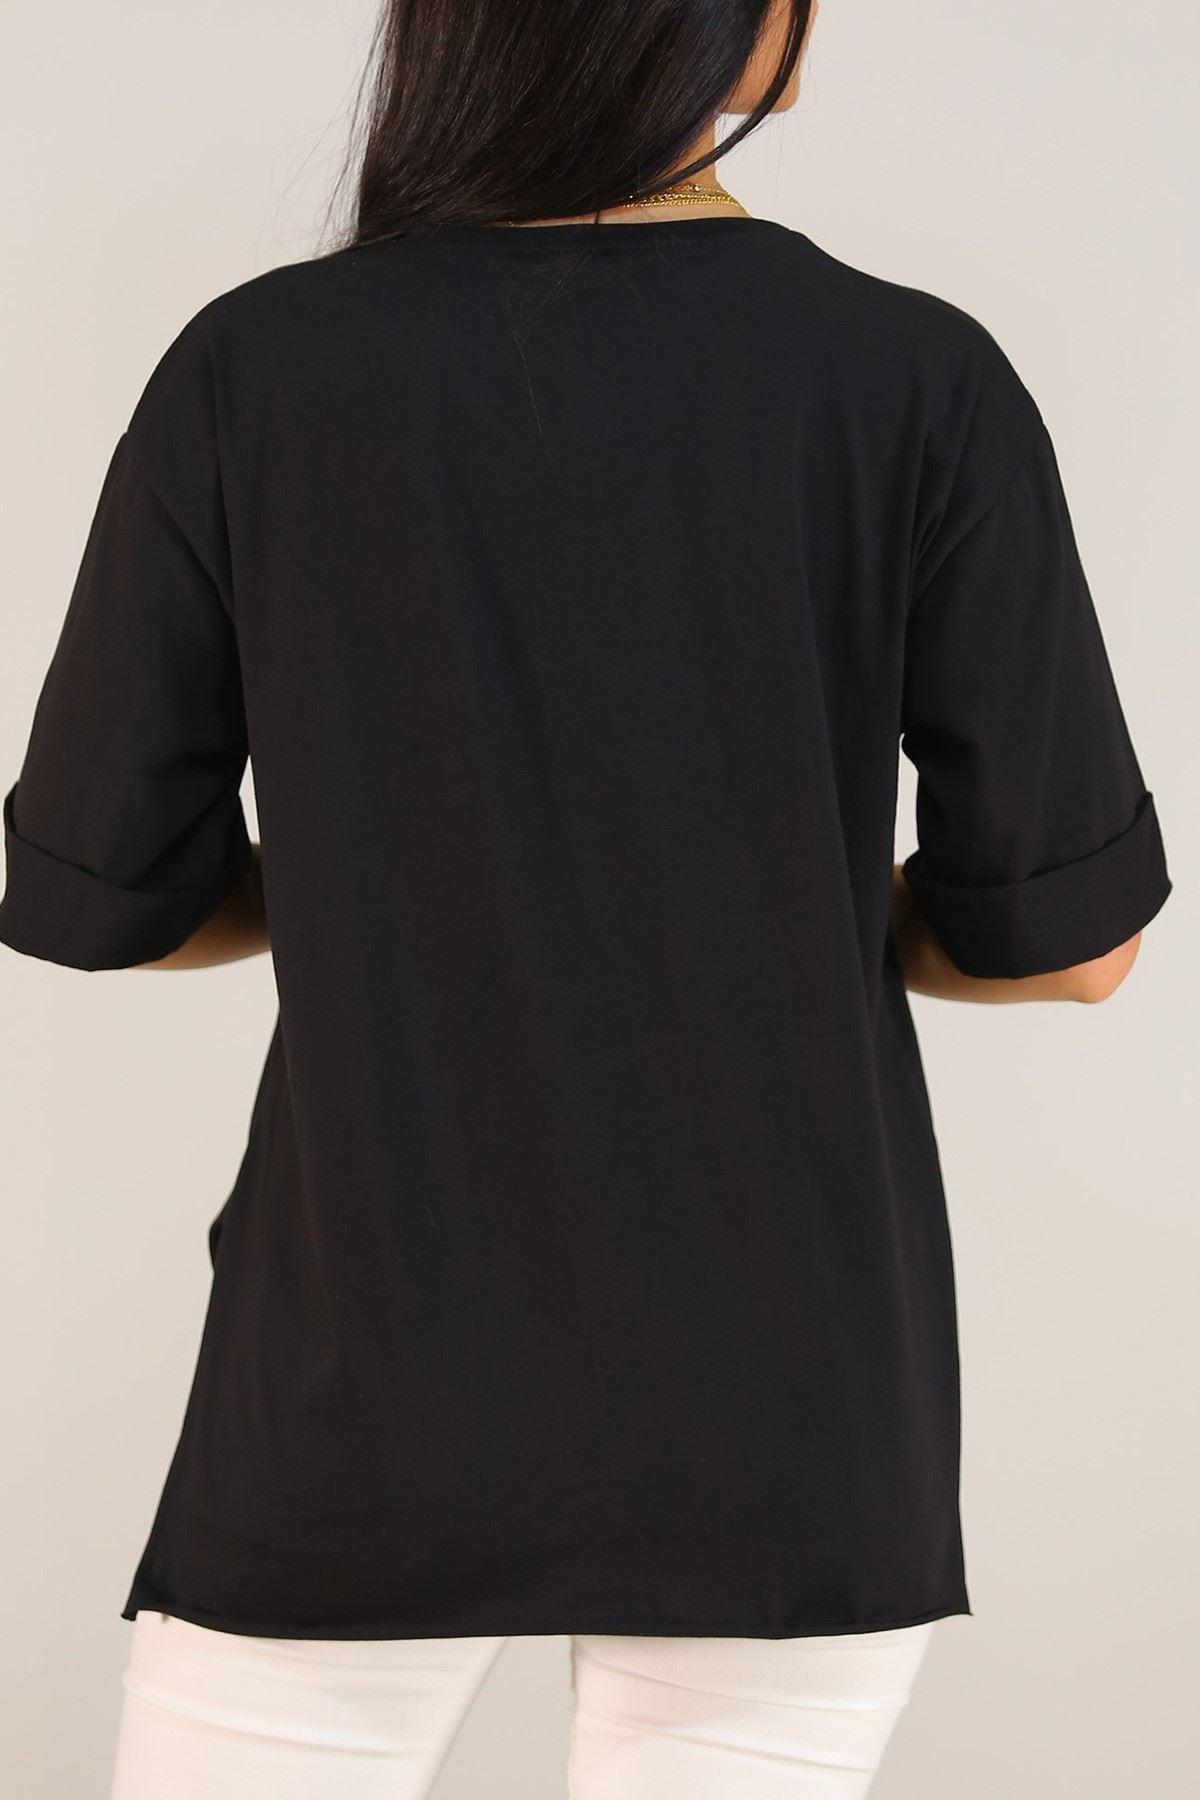 Nakışlı Duble Kol Tişört Siyah - 5158.336. Toptan